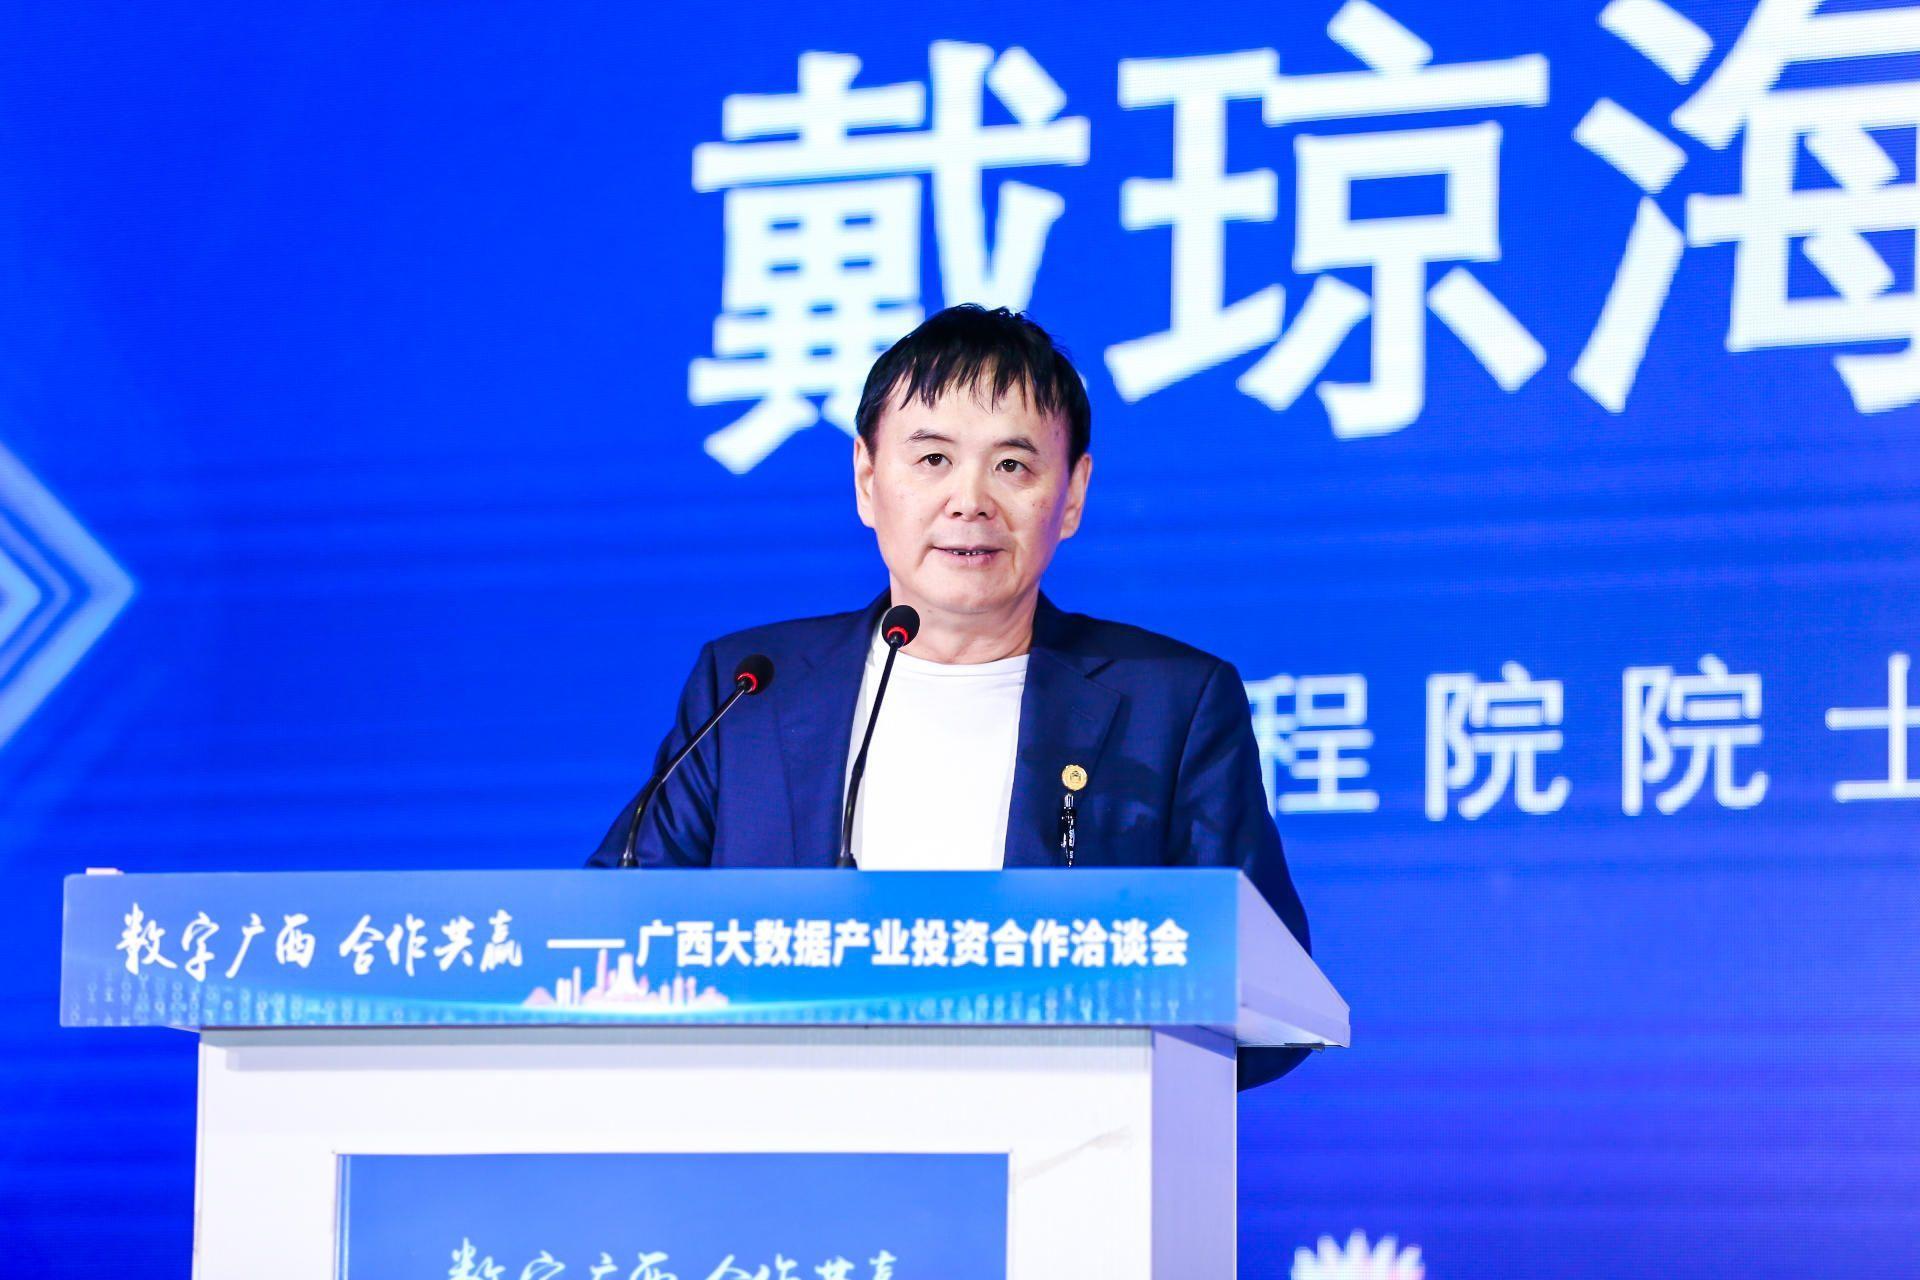 中国工程院院士戴琼海发言